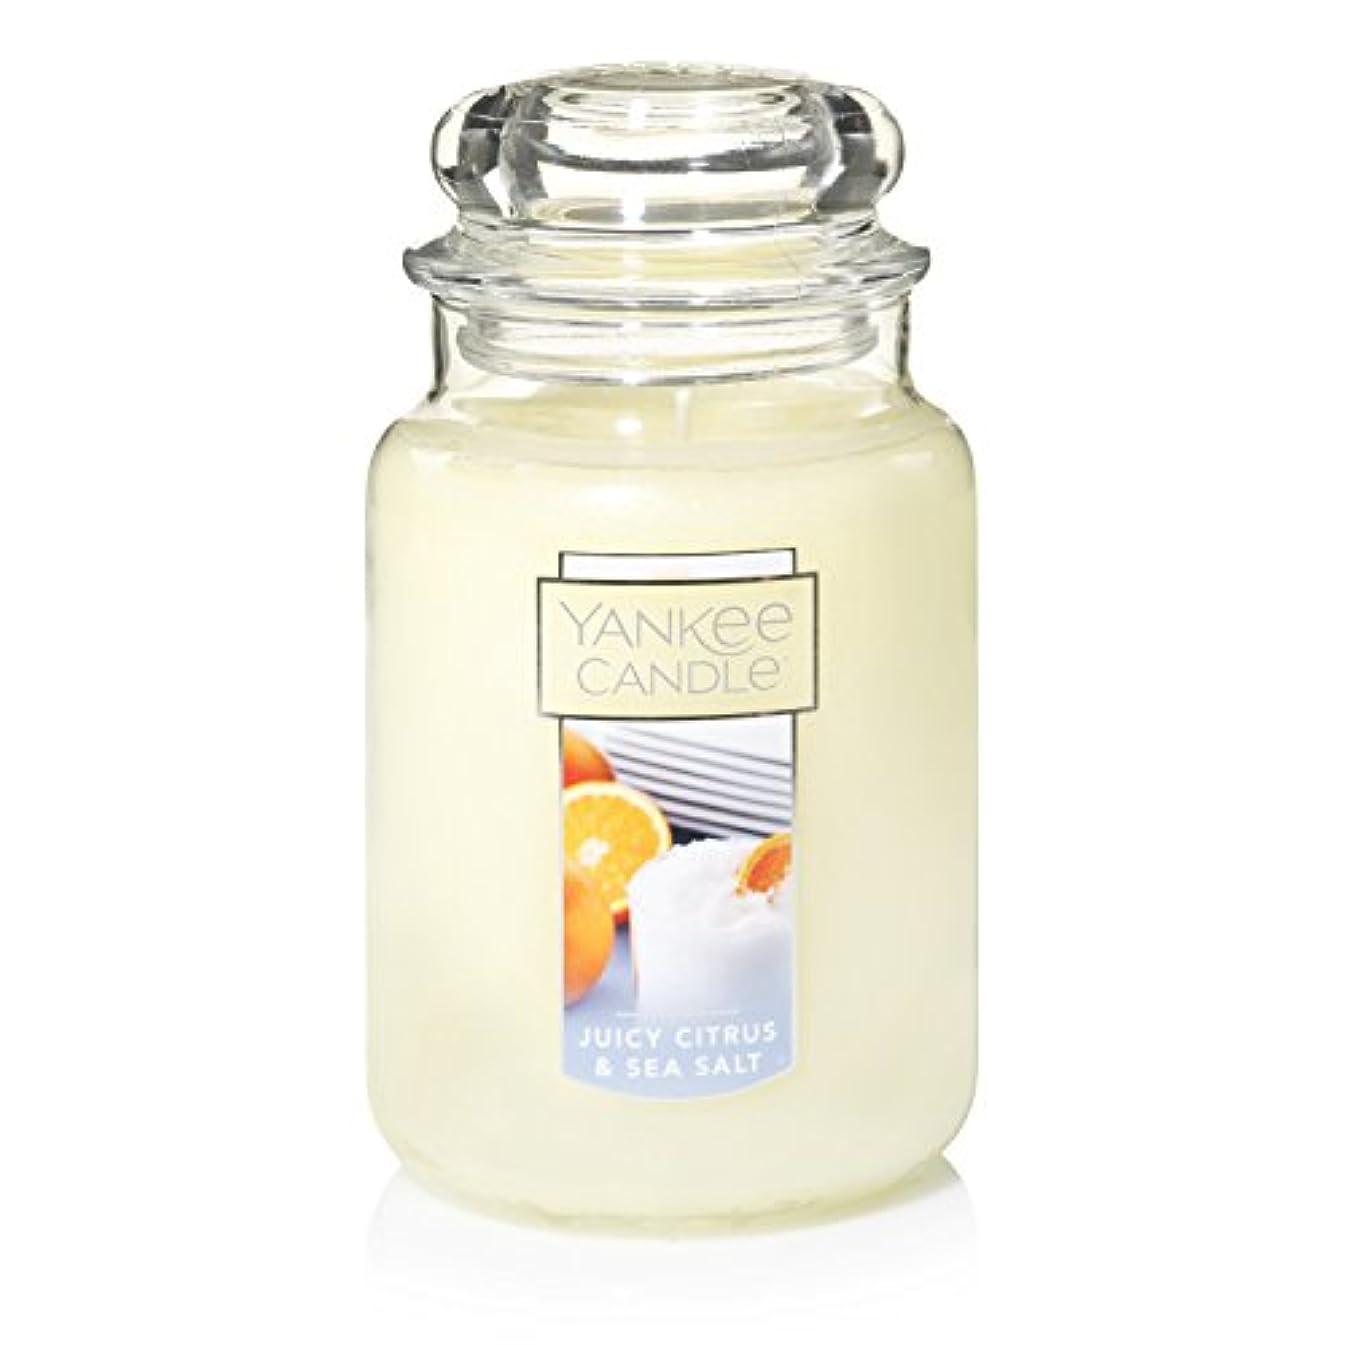 損傷雪だるま白雪姫Yankee Candle Juicy Citrus & Sea Salt Jar Candle, Large